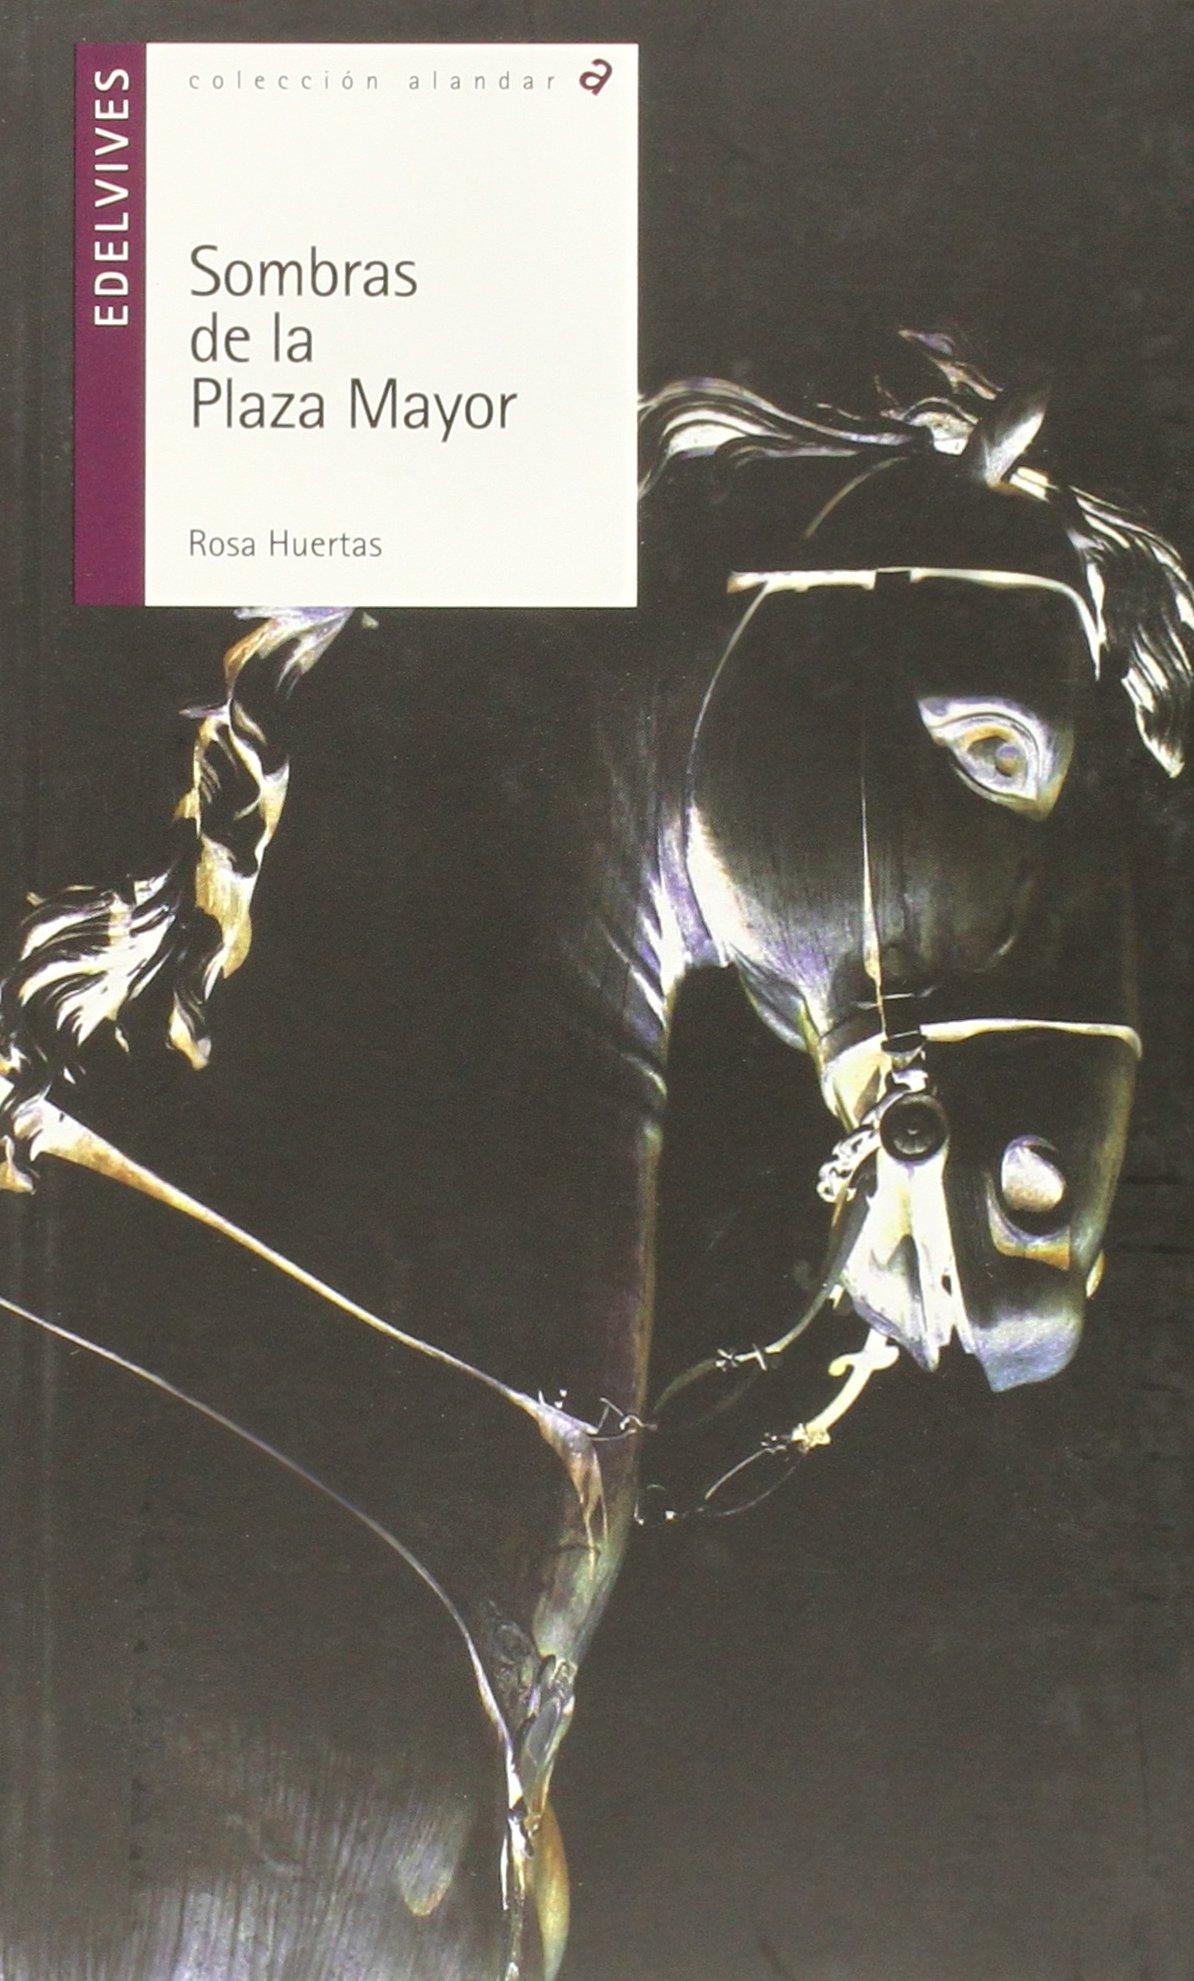 Sombras de la Plaza Mayor: 155 (Alandar): Amazon.es: Huertas Gómez, Rosa: Libros